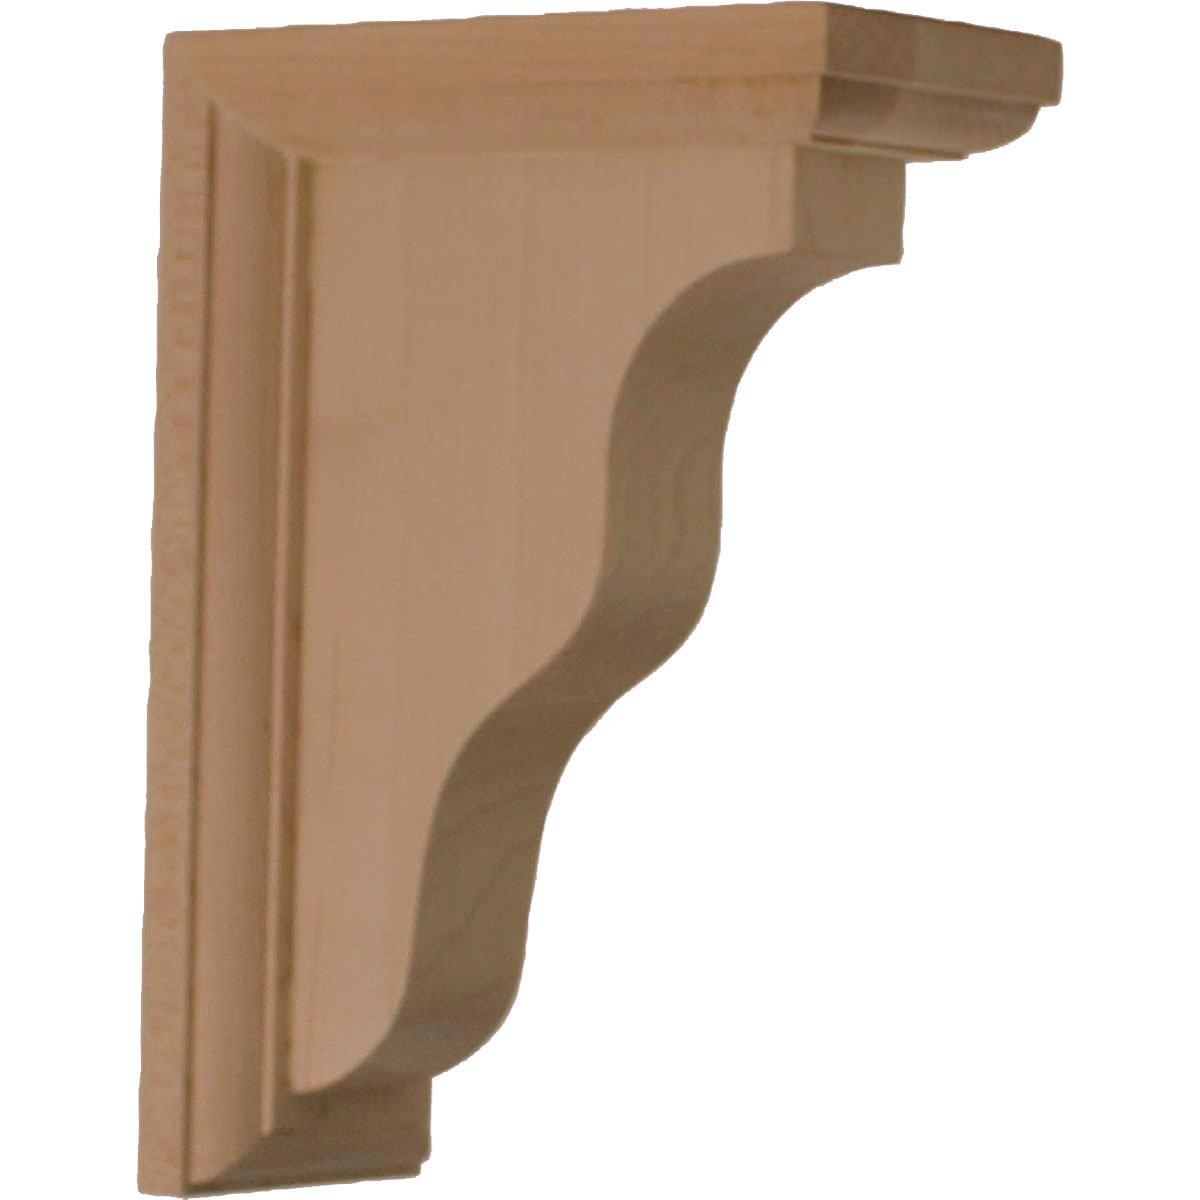 Ekena Millwork BKT02X05X07HARW-CASE-4 2 1/4''W x 5''D x 7''H Hamilton Traditional Bracket, Rubberwood (4-Pack),